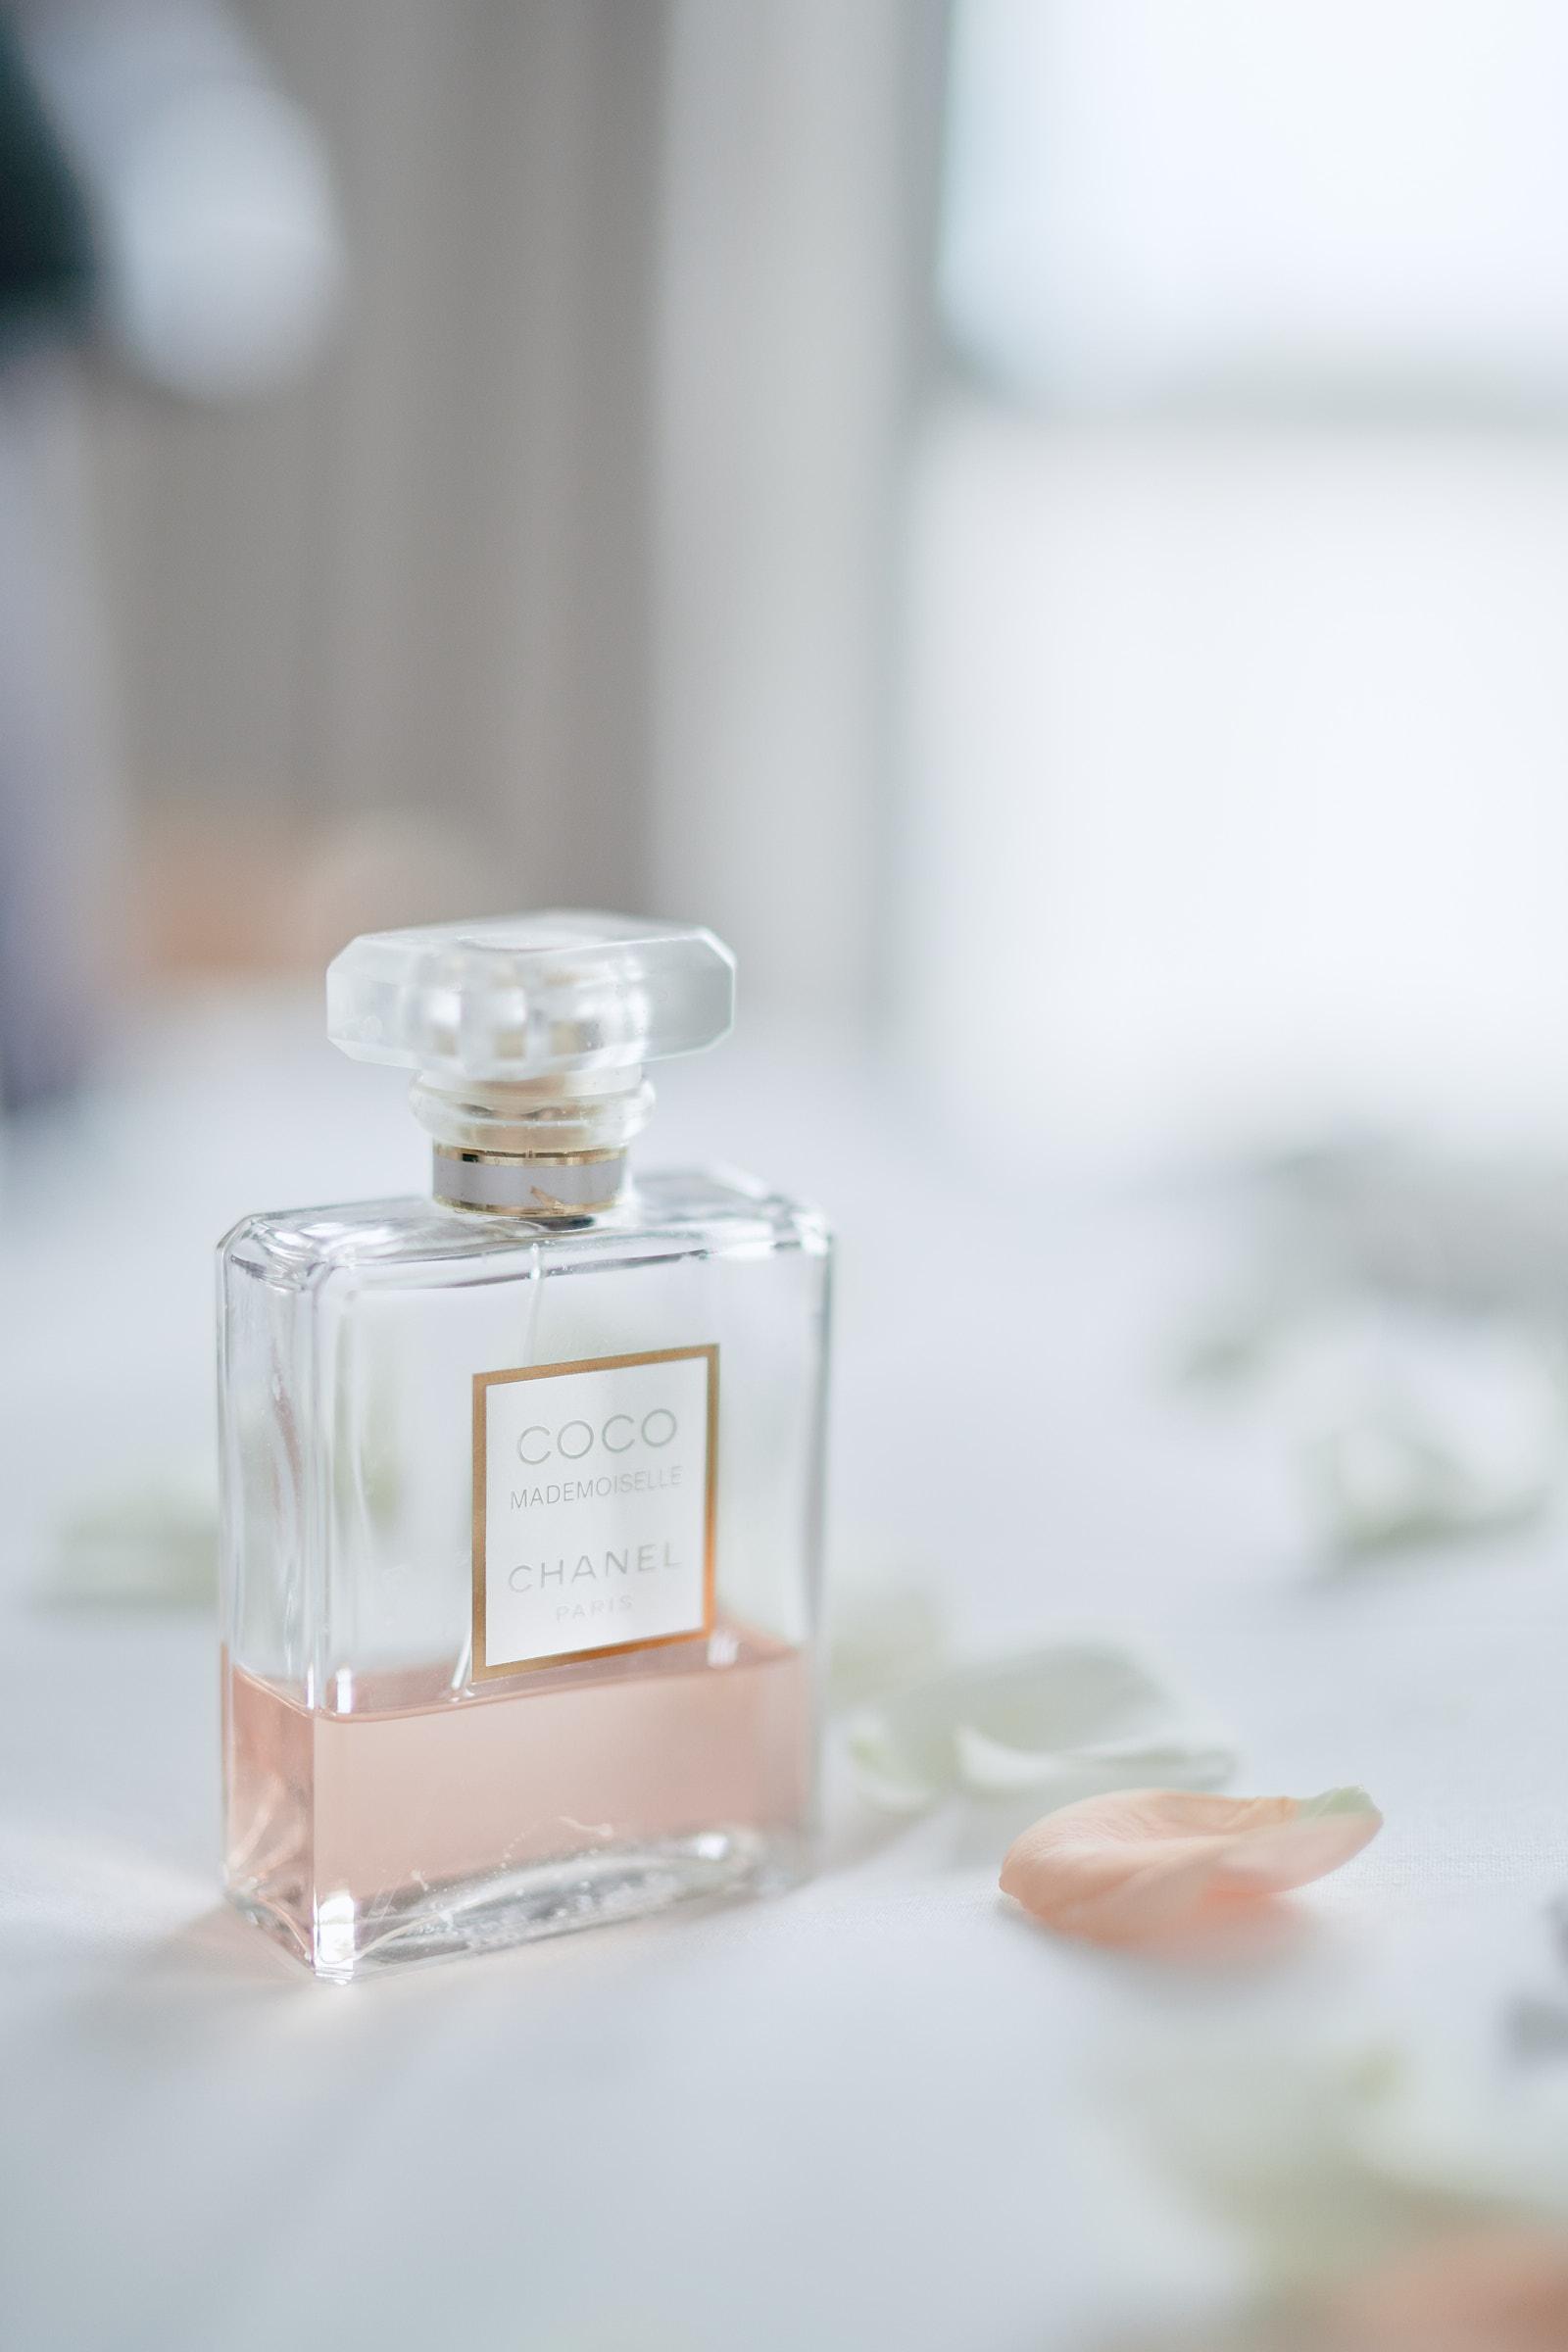 parfum coco mademoiselle chanel sur le lit de la chambre de l'hotel balthazar à rennes